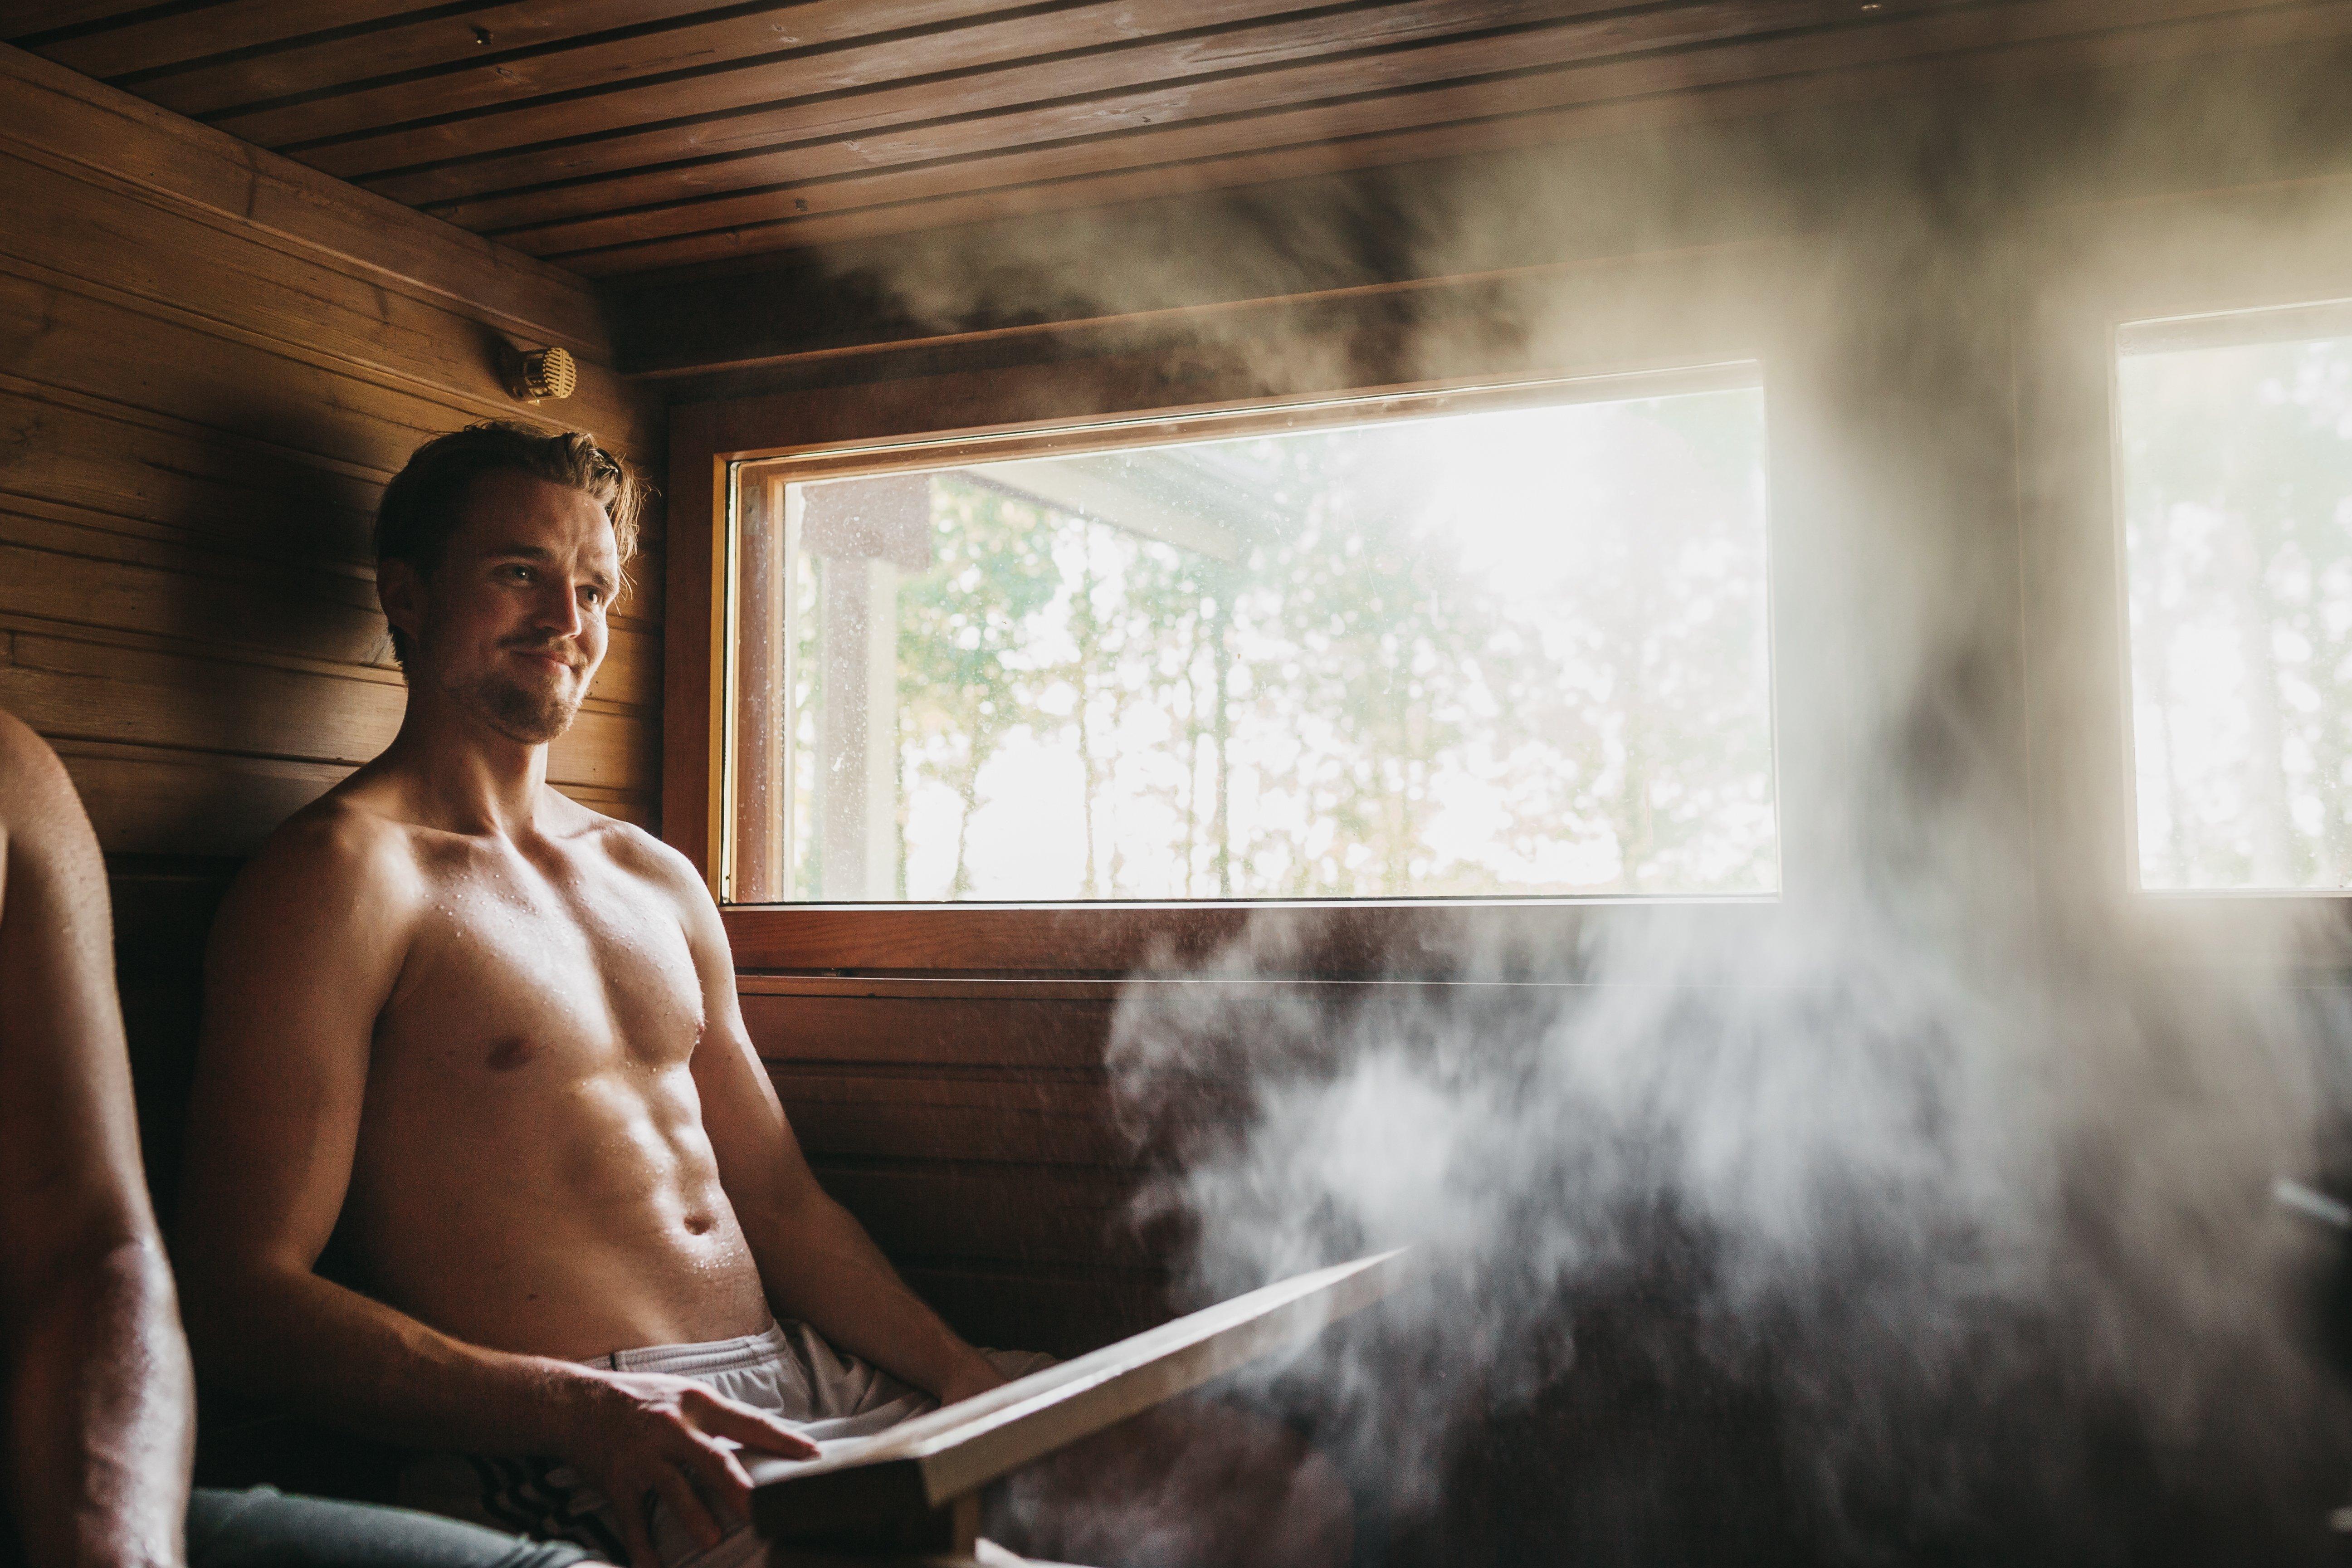 Opwarmen na een dag in de buitenlucht doe je in Lapland in de sauna